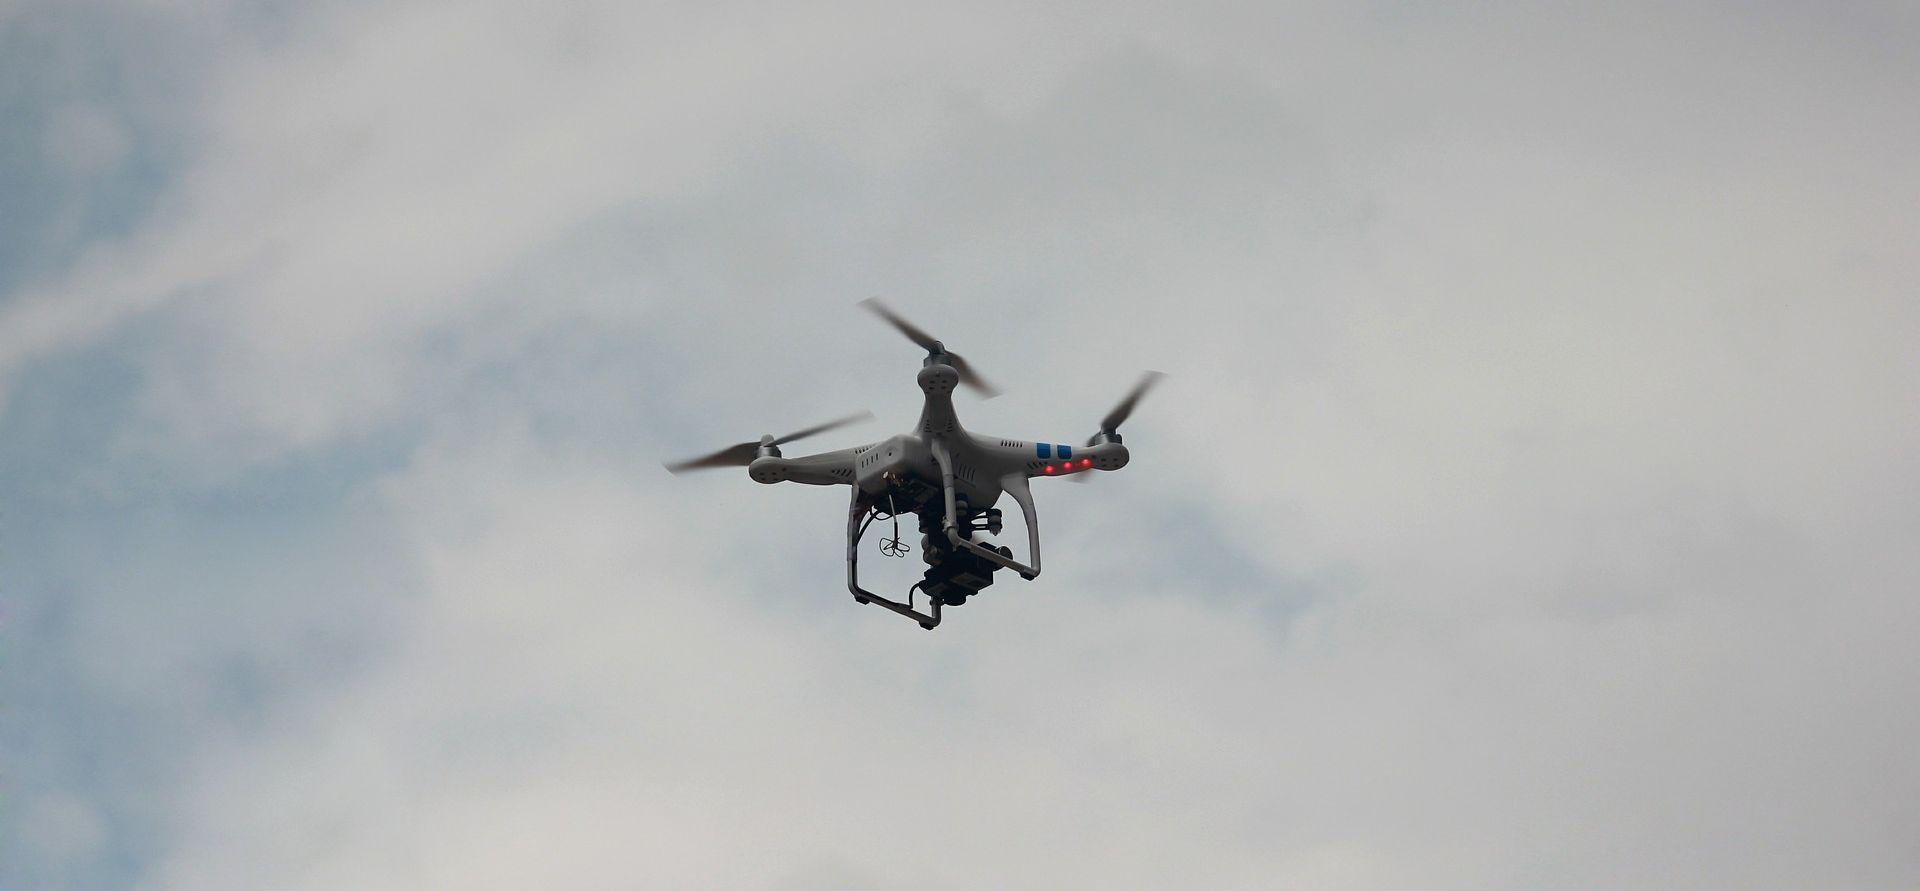 UPOZORENJE AMERIČKE VLADE Teroristi bi dronovima mogli napasti civile